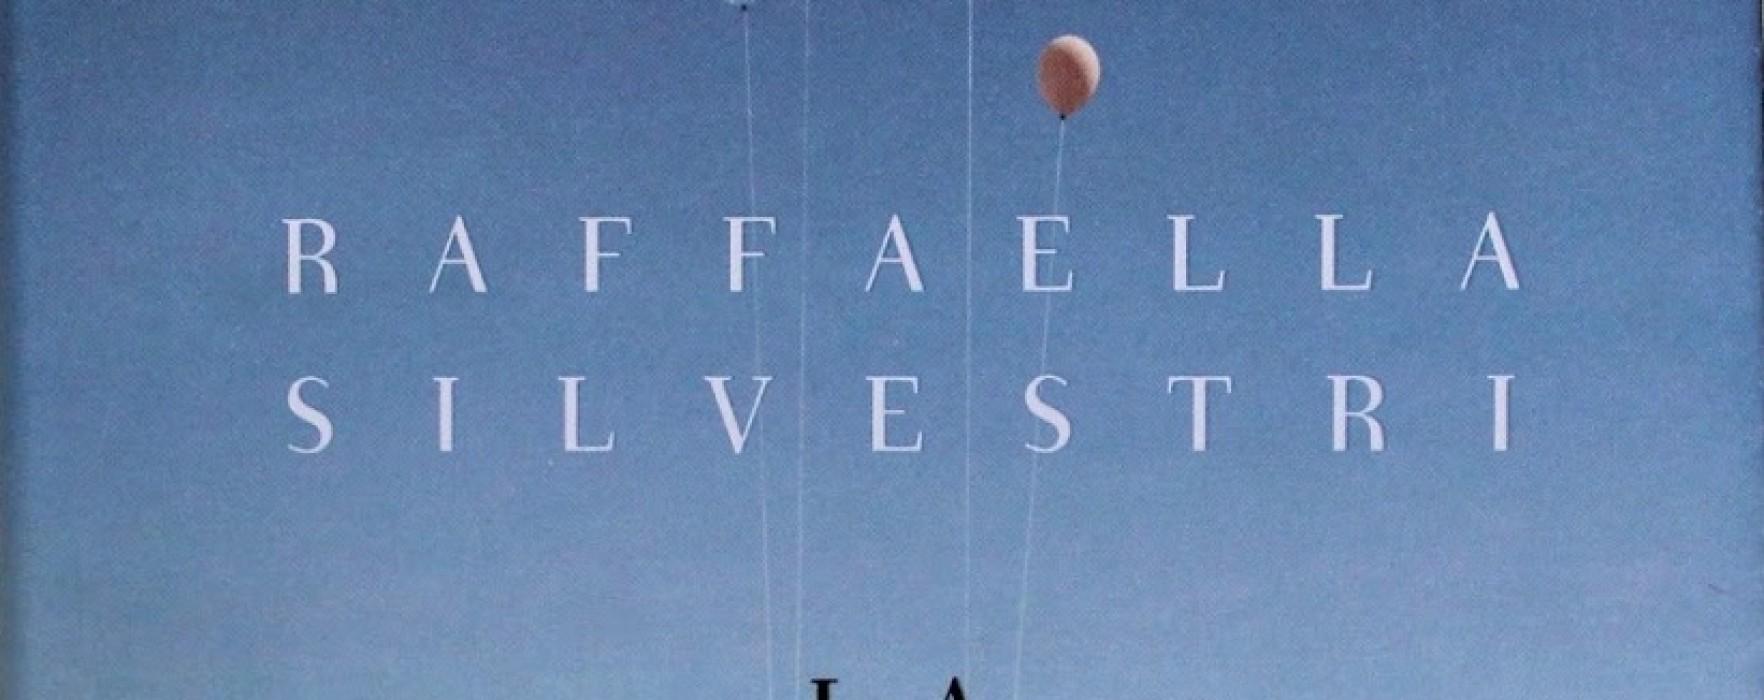 La distanza da Helsinki di Raffaella Silvestri